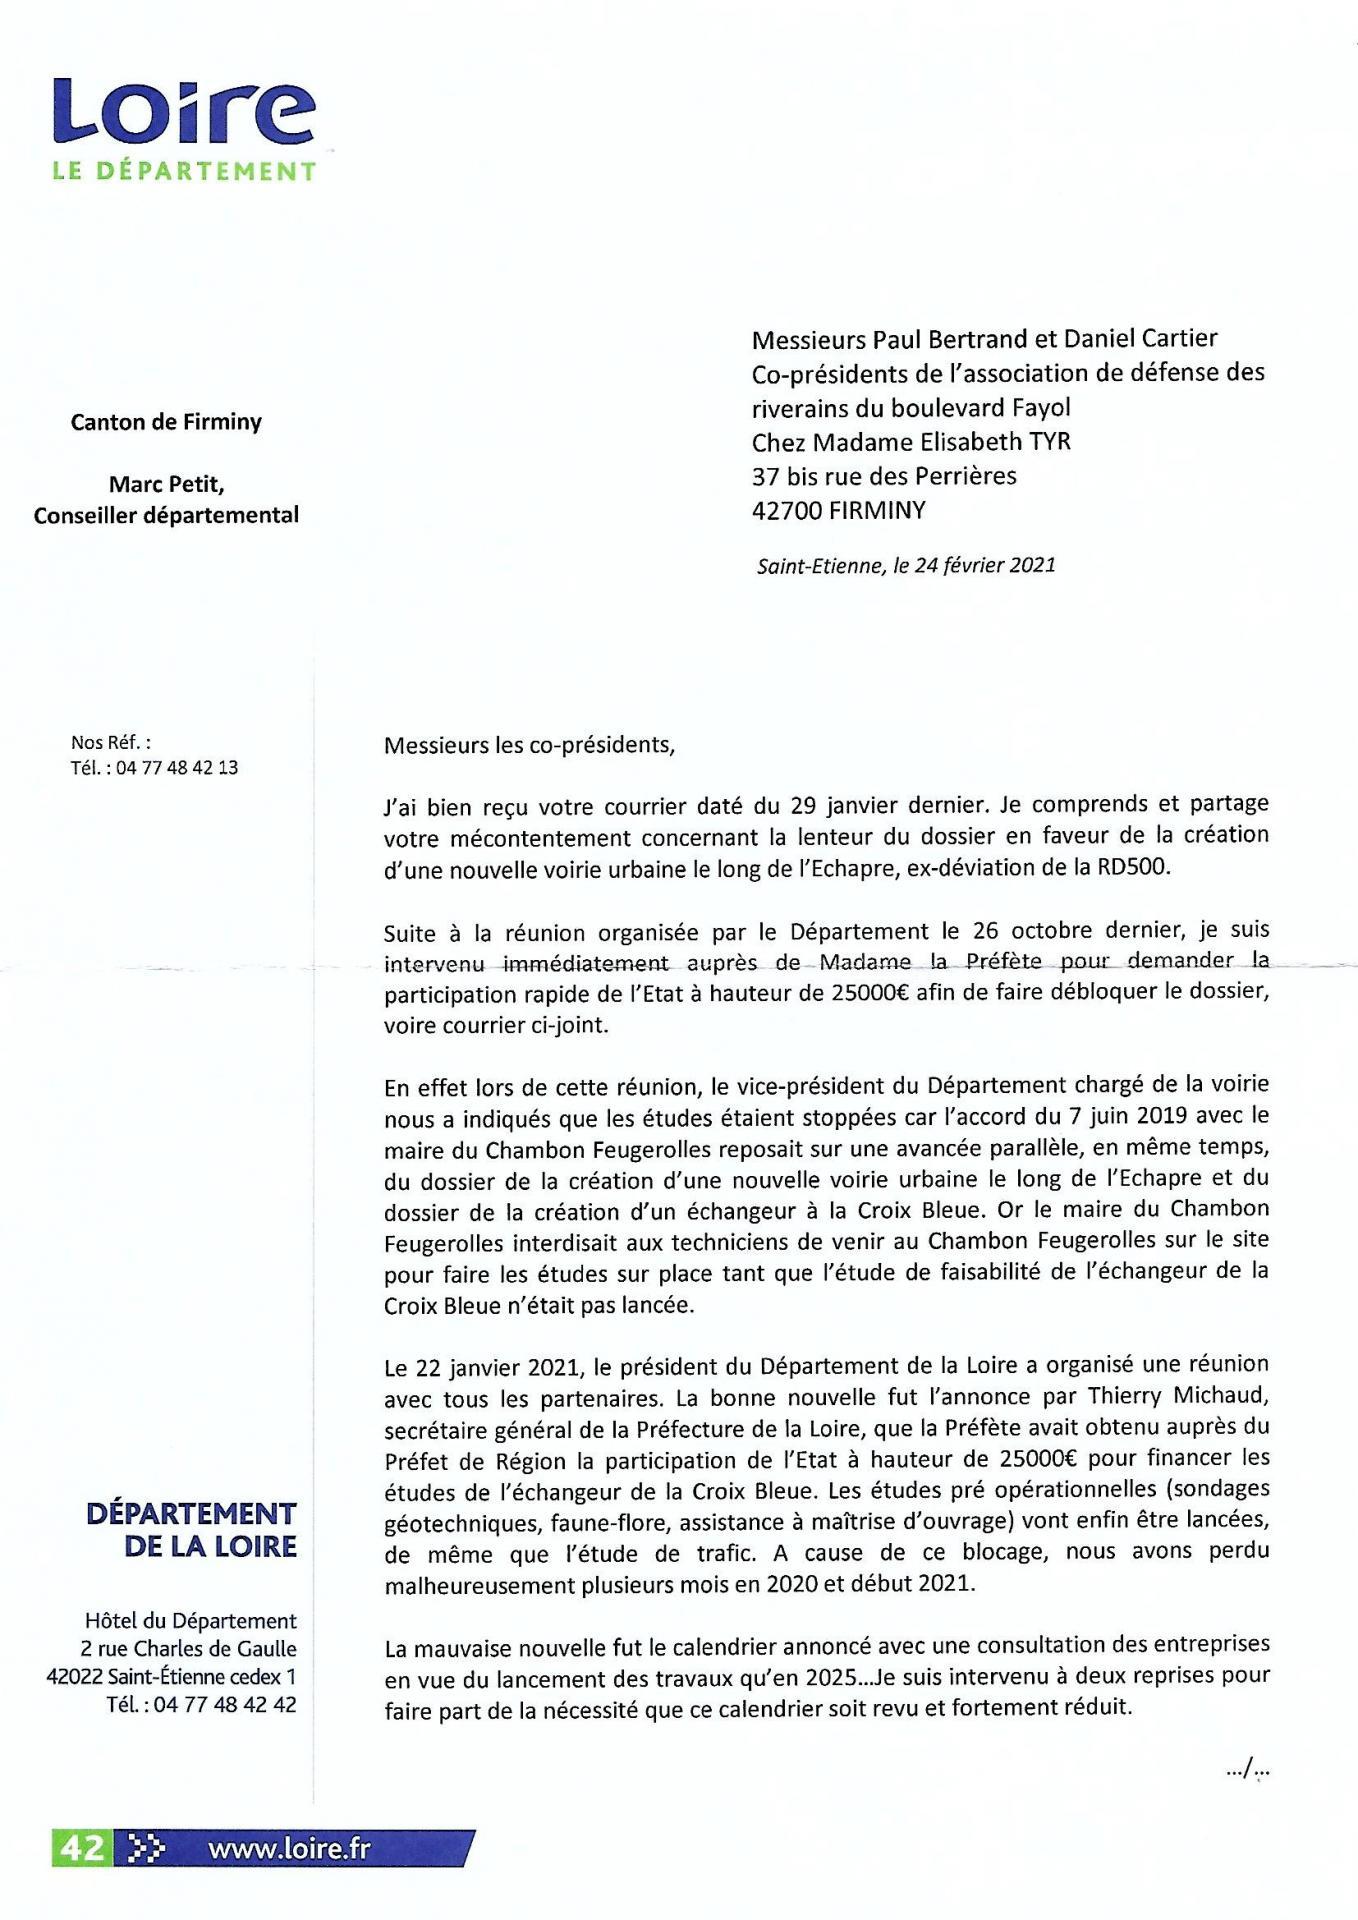 Courrier du Conseiller départemental Marc Petit p1